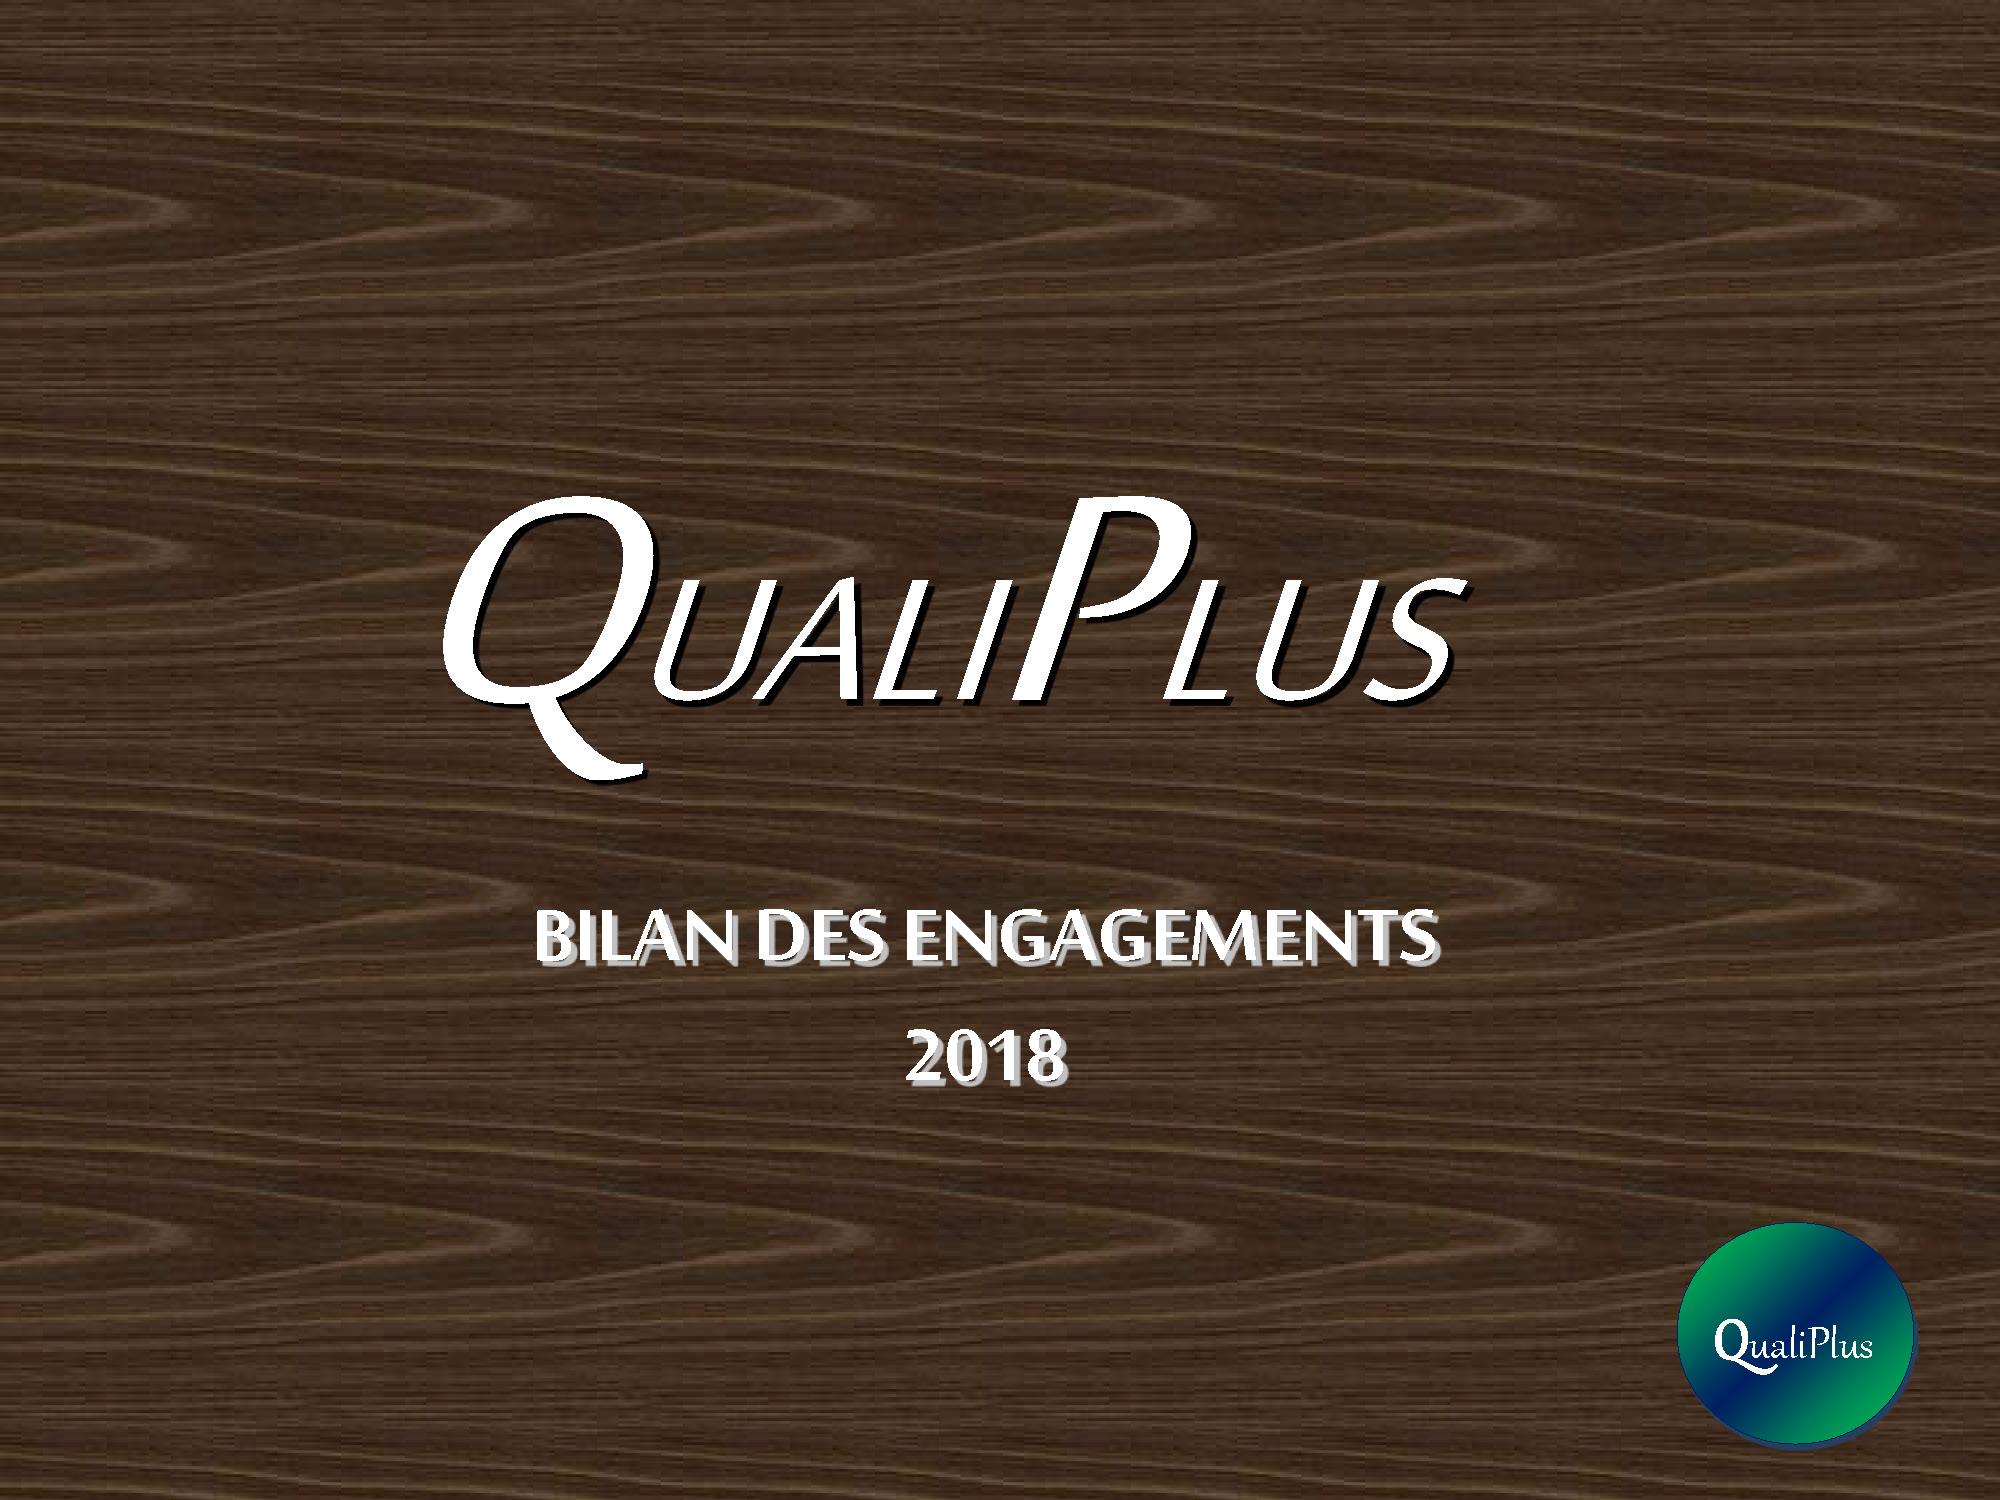 Pages de bilan QUALIPLUS 2018